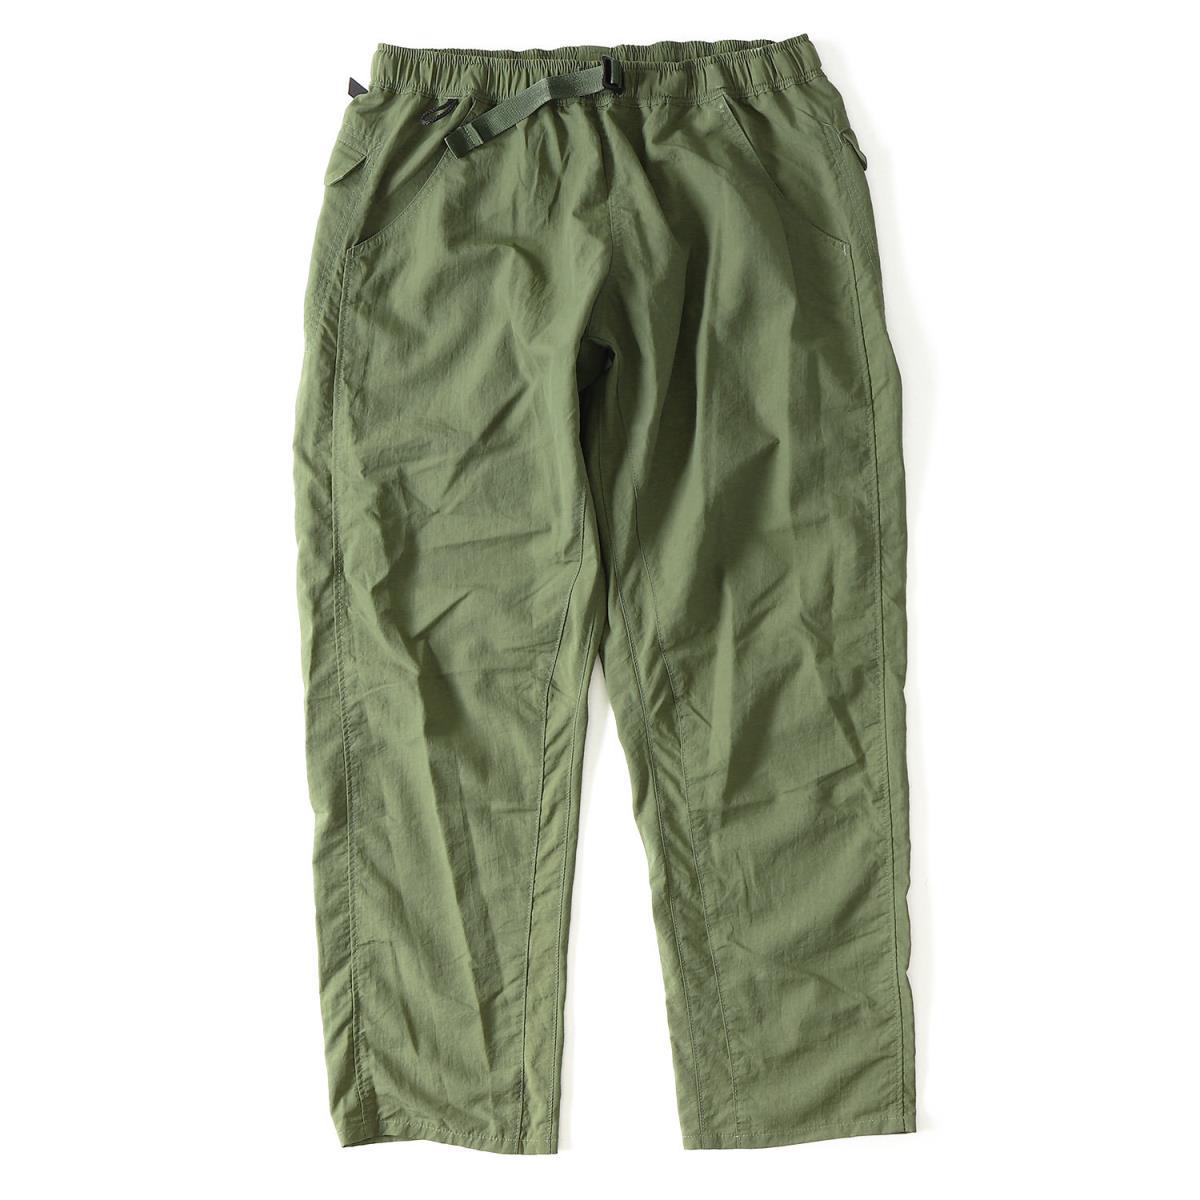 山と道 (ヤマトミチ) 18S/S 5ポケットハイカーパンツ(5-Pockets Pants) オリーブ M 【メンズ】【美品】【K2080】【中古】【あす楽☆対応可】